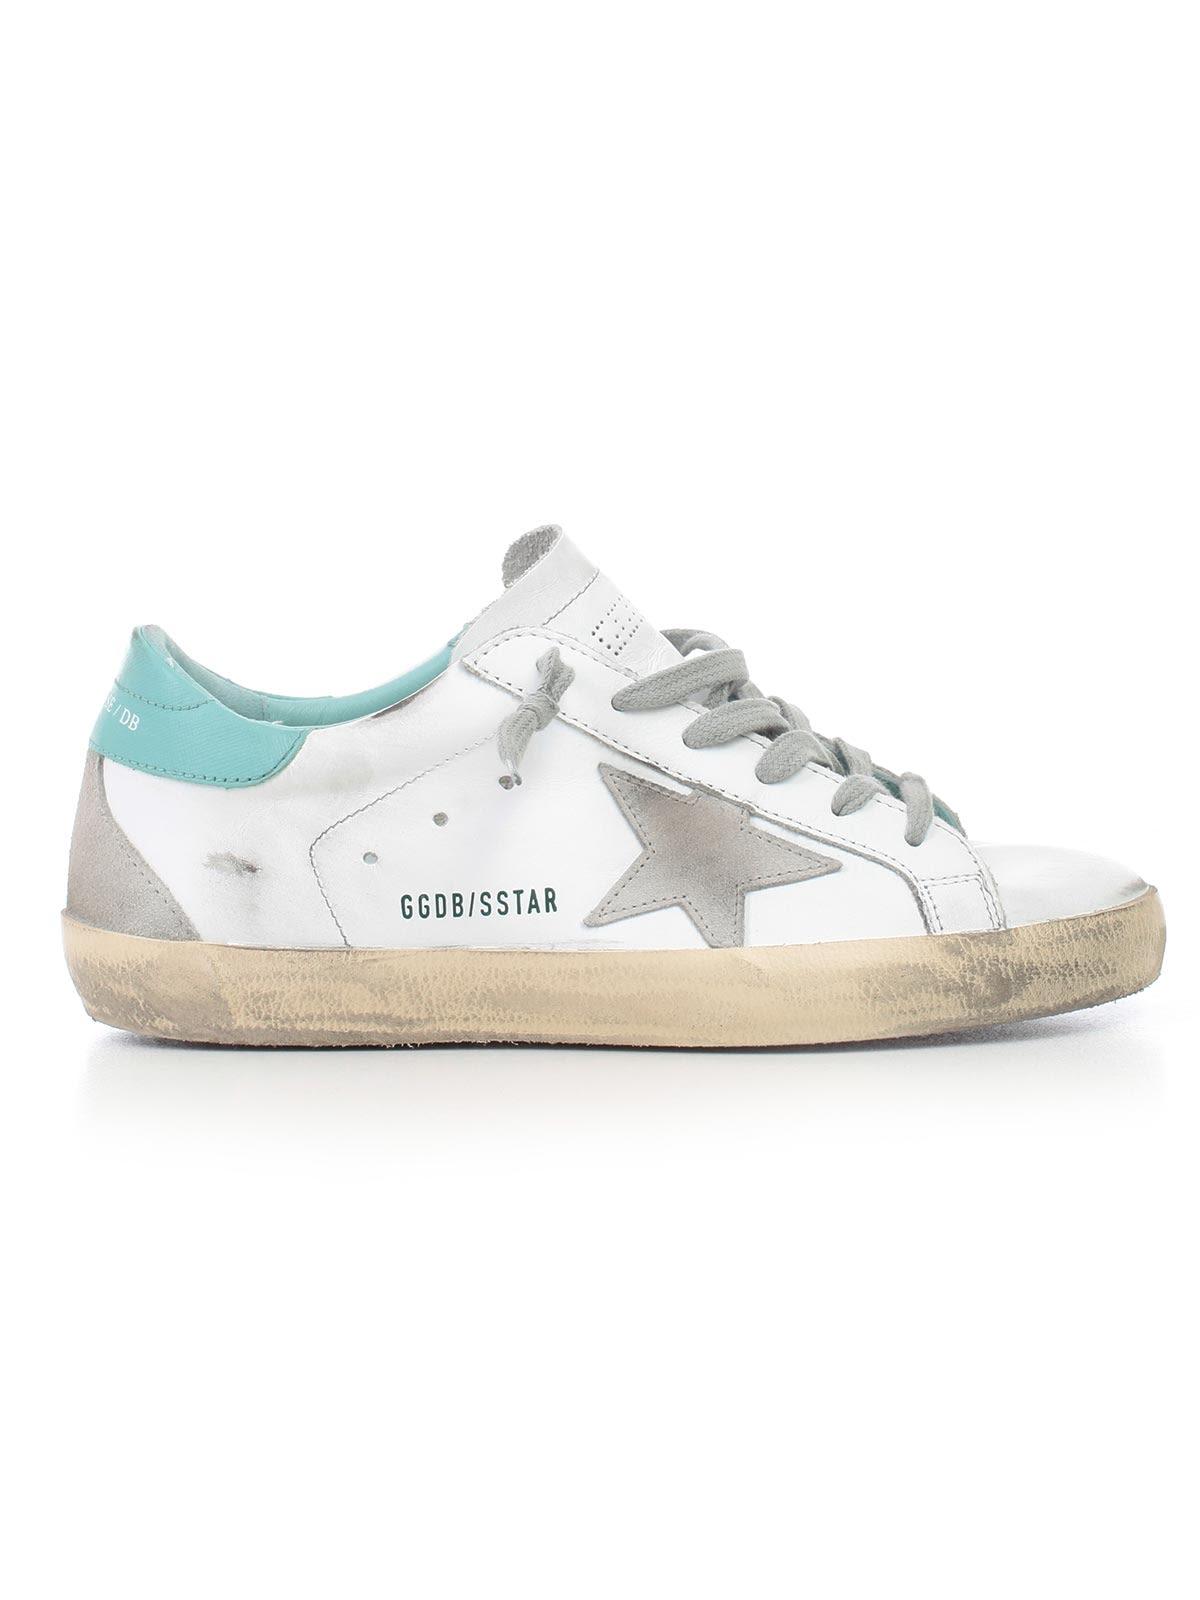 64c27788957d7 Golden Goose Golden Goose Deluxe Brand Superstar Sneakers - Basic ...